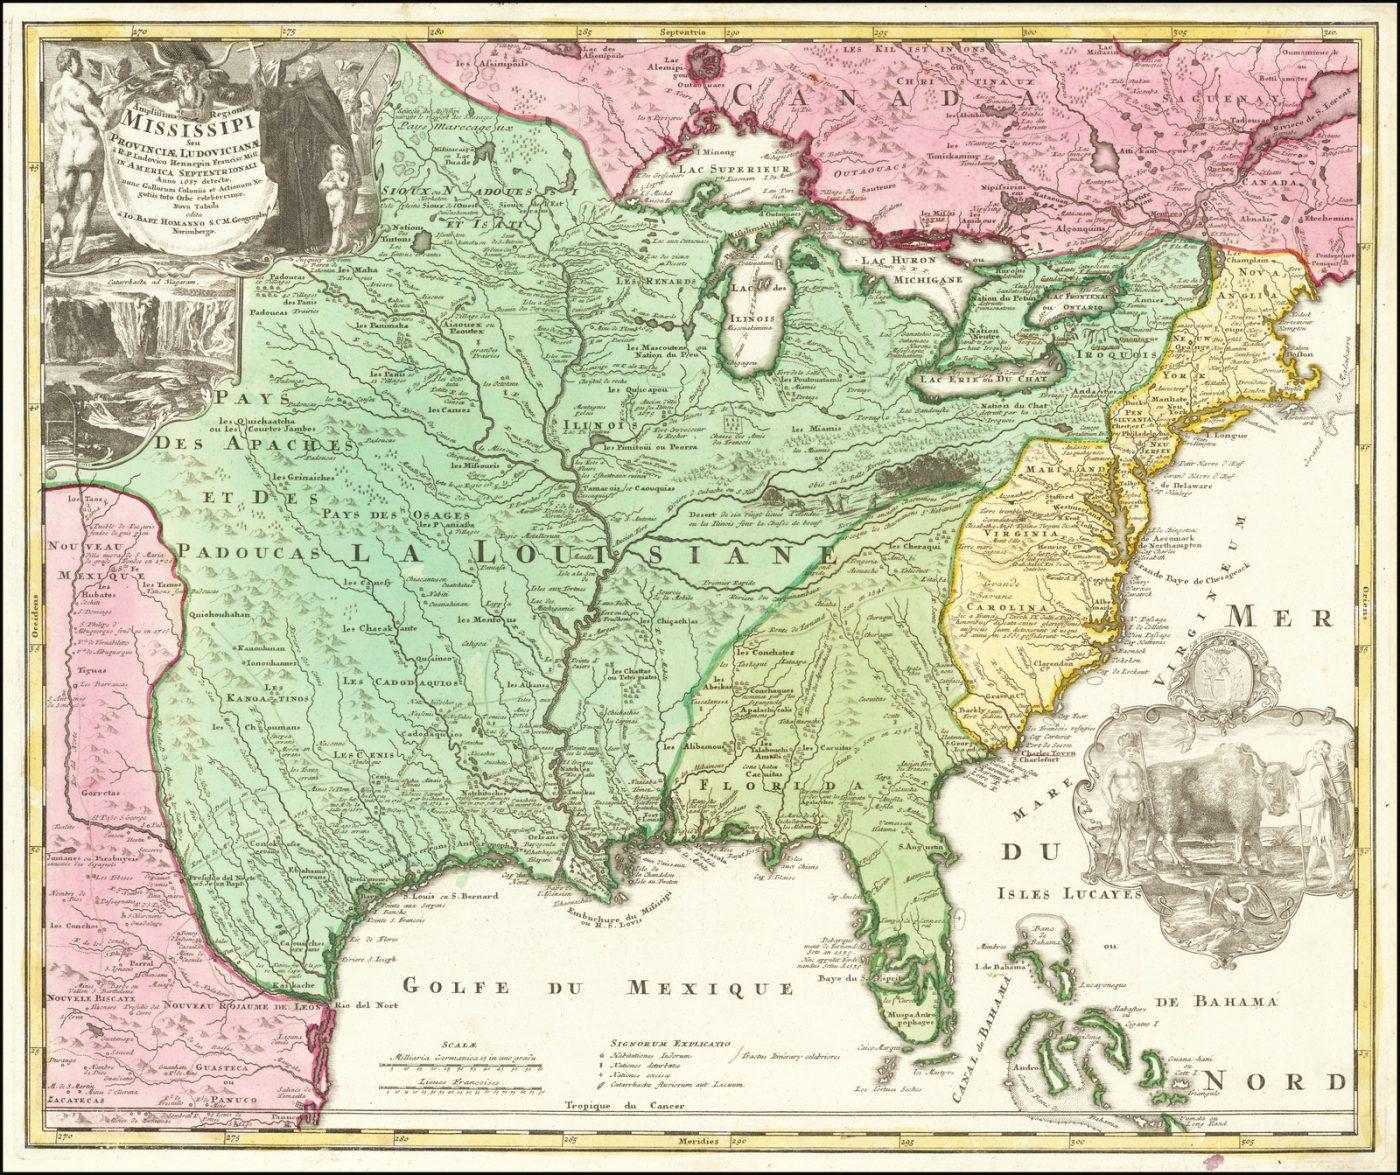 Карта течения реки Миссисипи, составленная Хоманном на основе отчетов Хеннепина, исследовавшего верховья Миссисипи и районы Великих Озер в качестве миссионера-иезуита в конце 1600-х годов